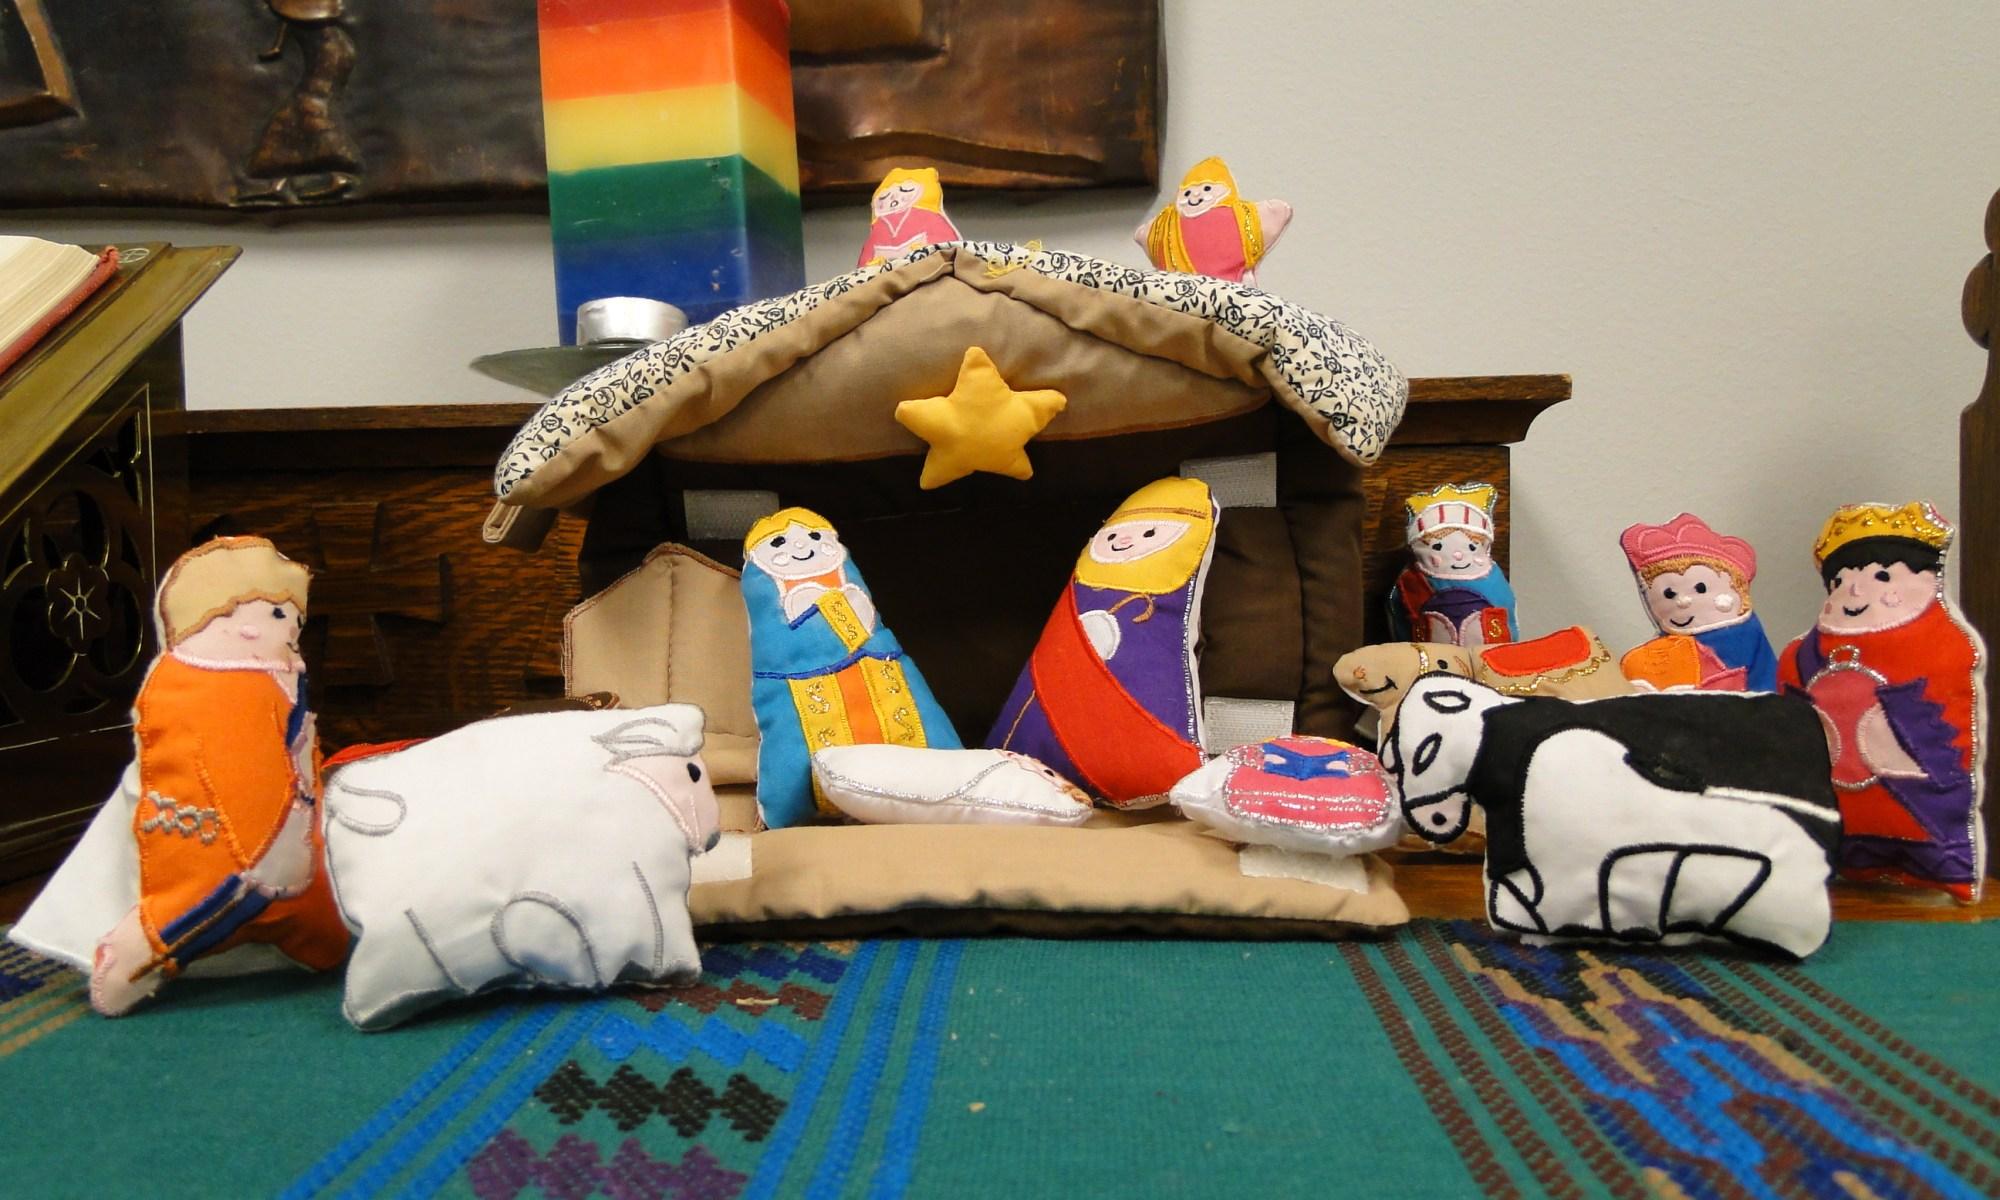 colourful nativity scene